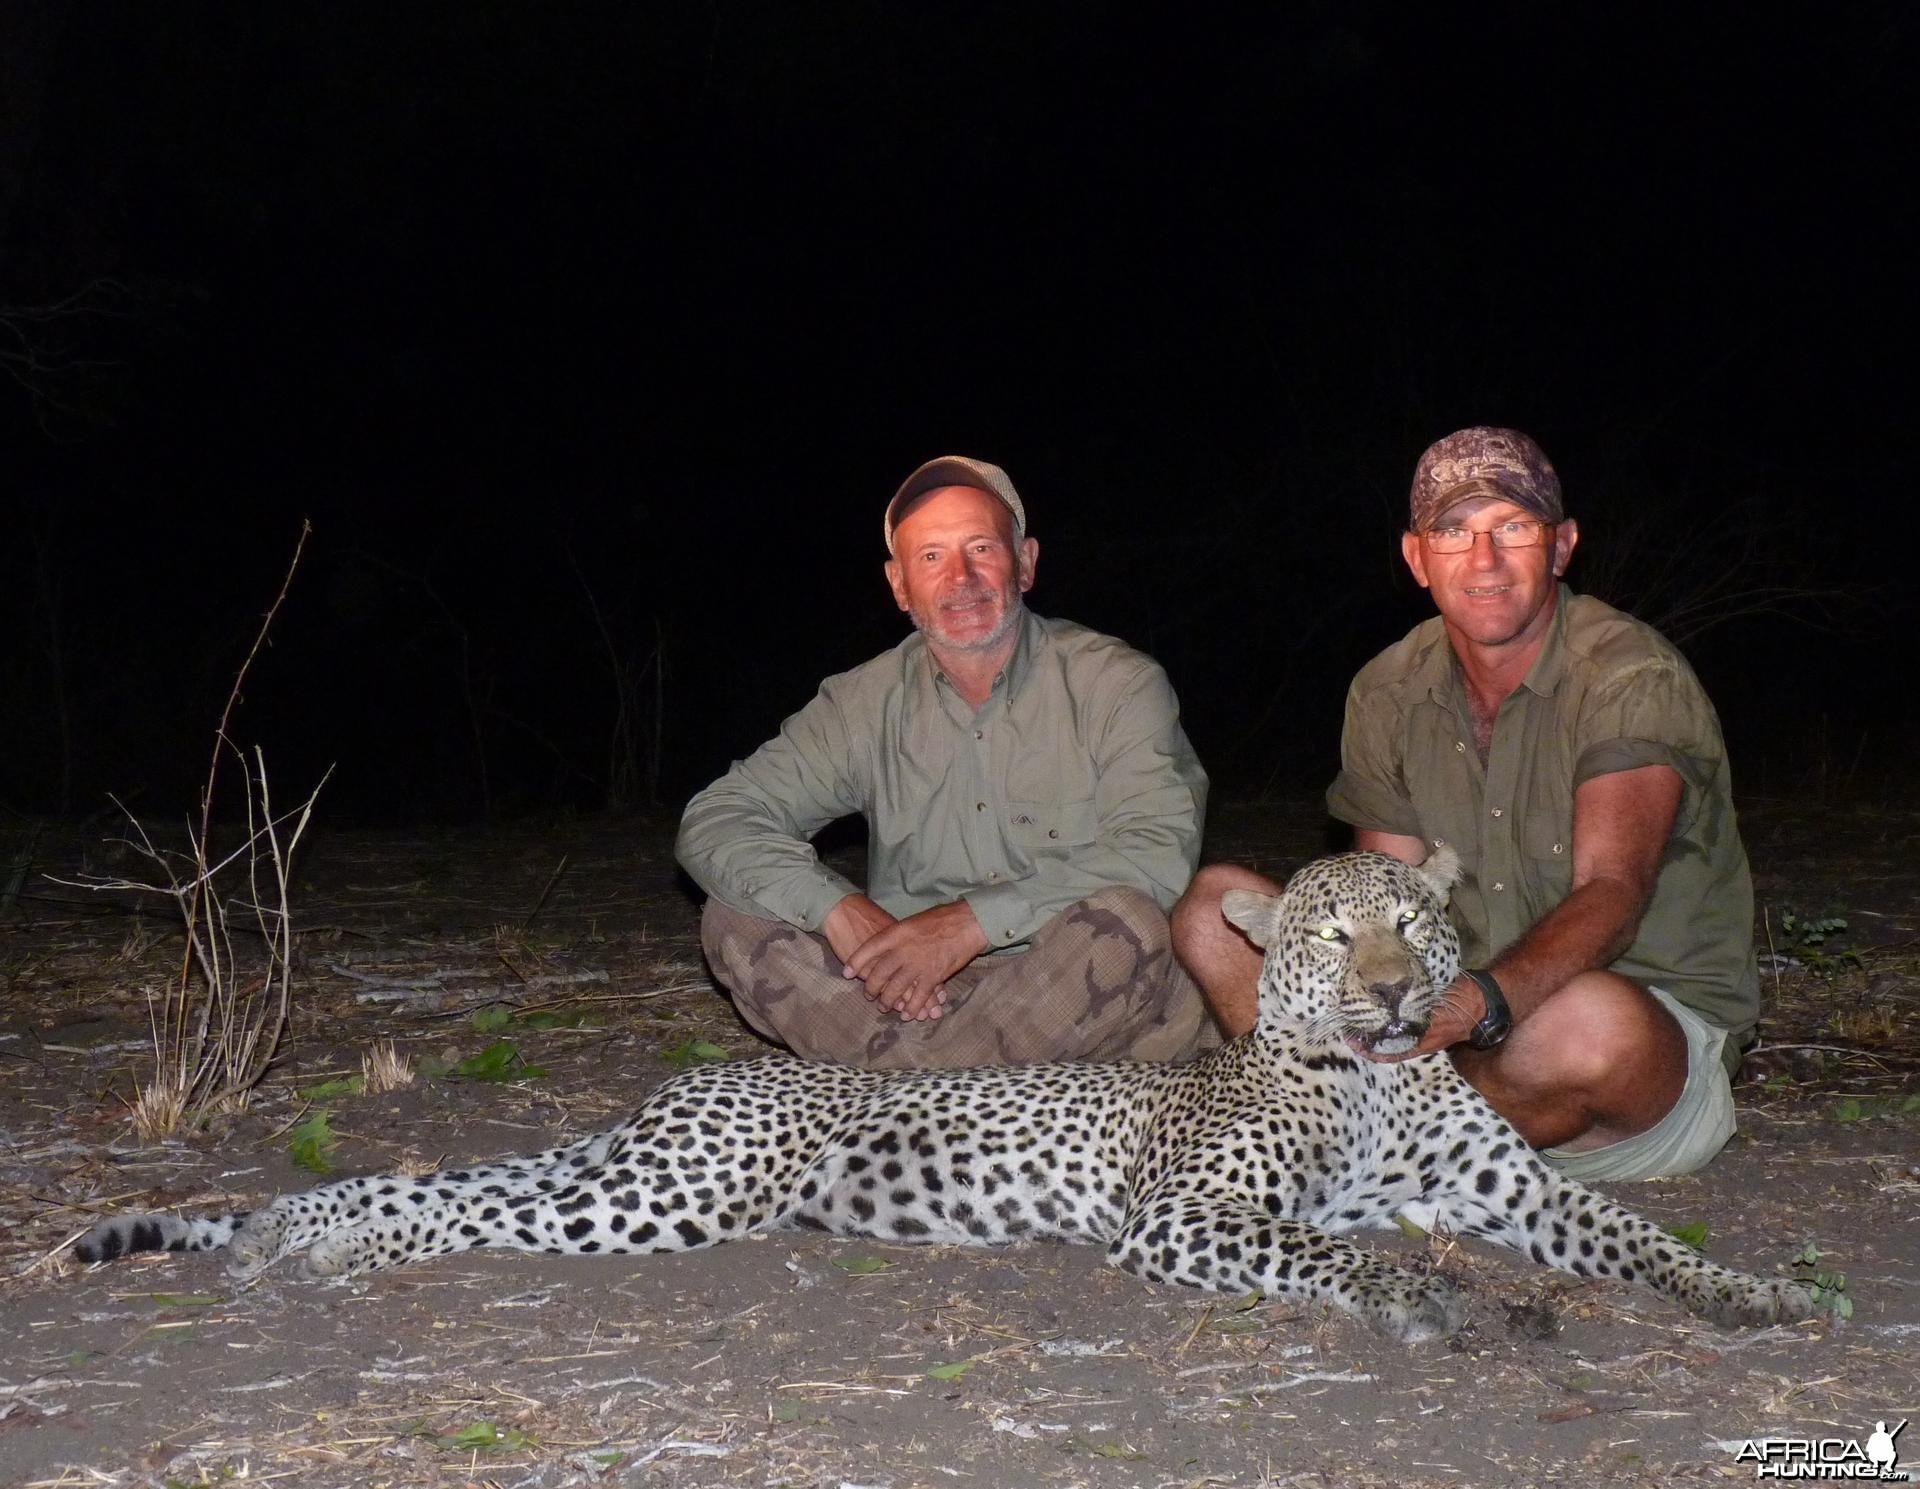 Hunting Leopard in Tanzania